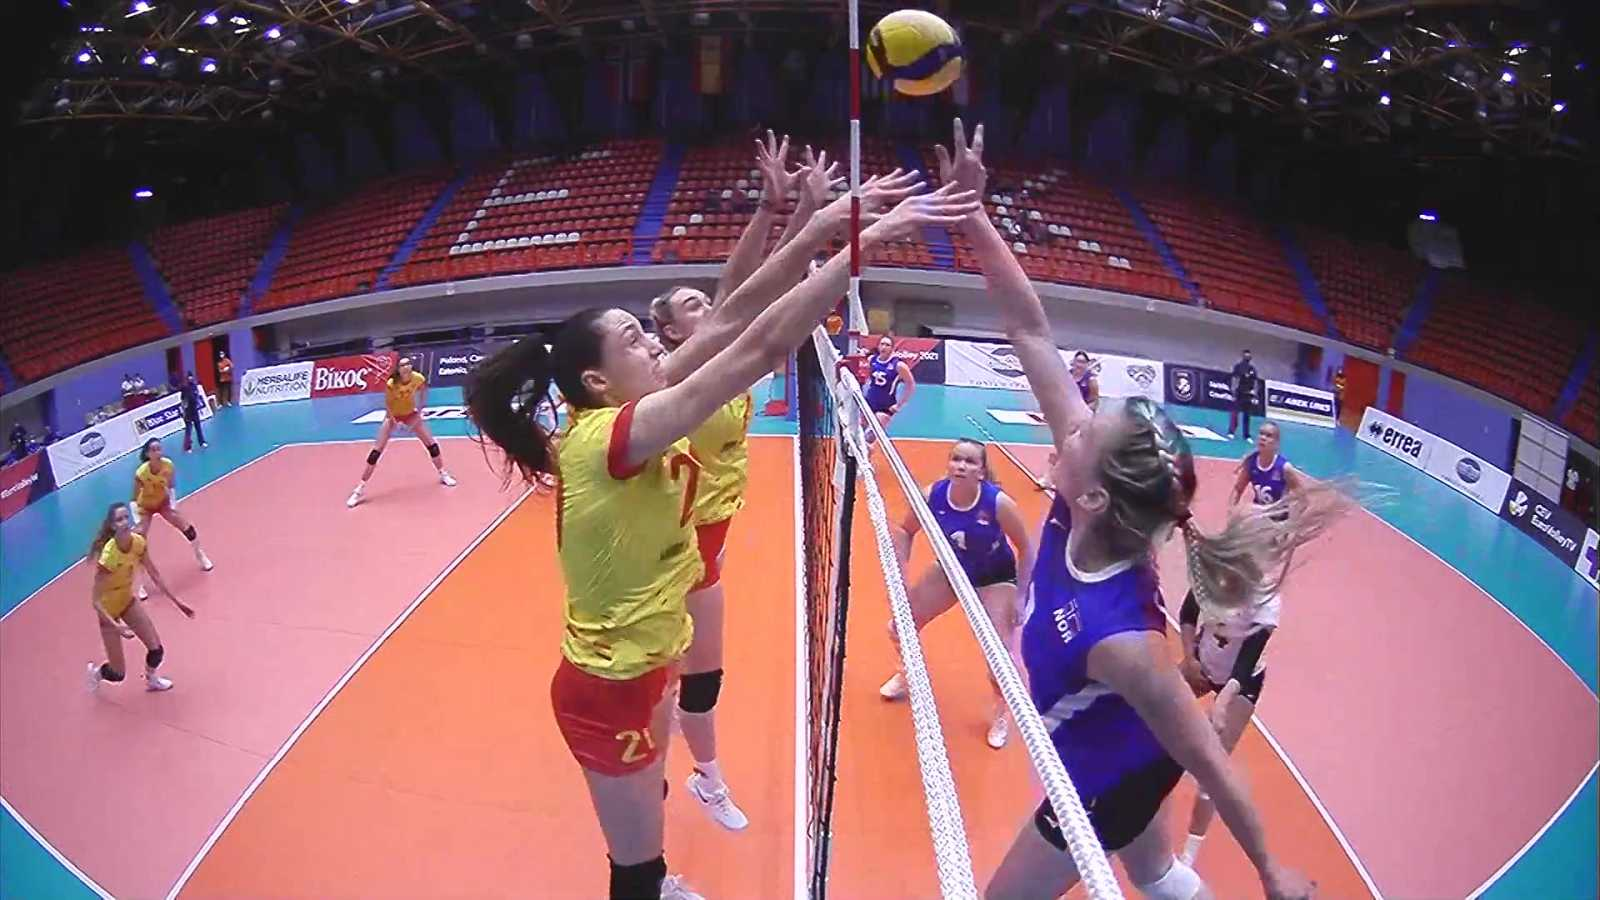 Voleibol - Clasificación Campeonato de Europa Femenino. 3ª jornada: Noruega - España - ver ahora